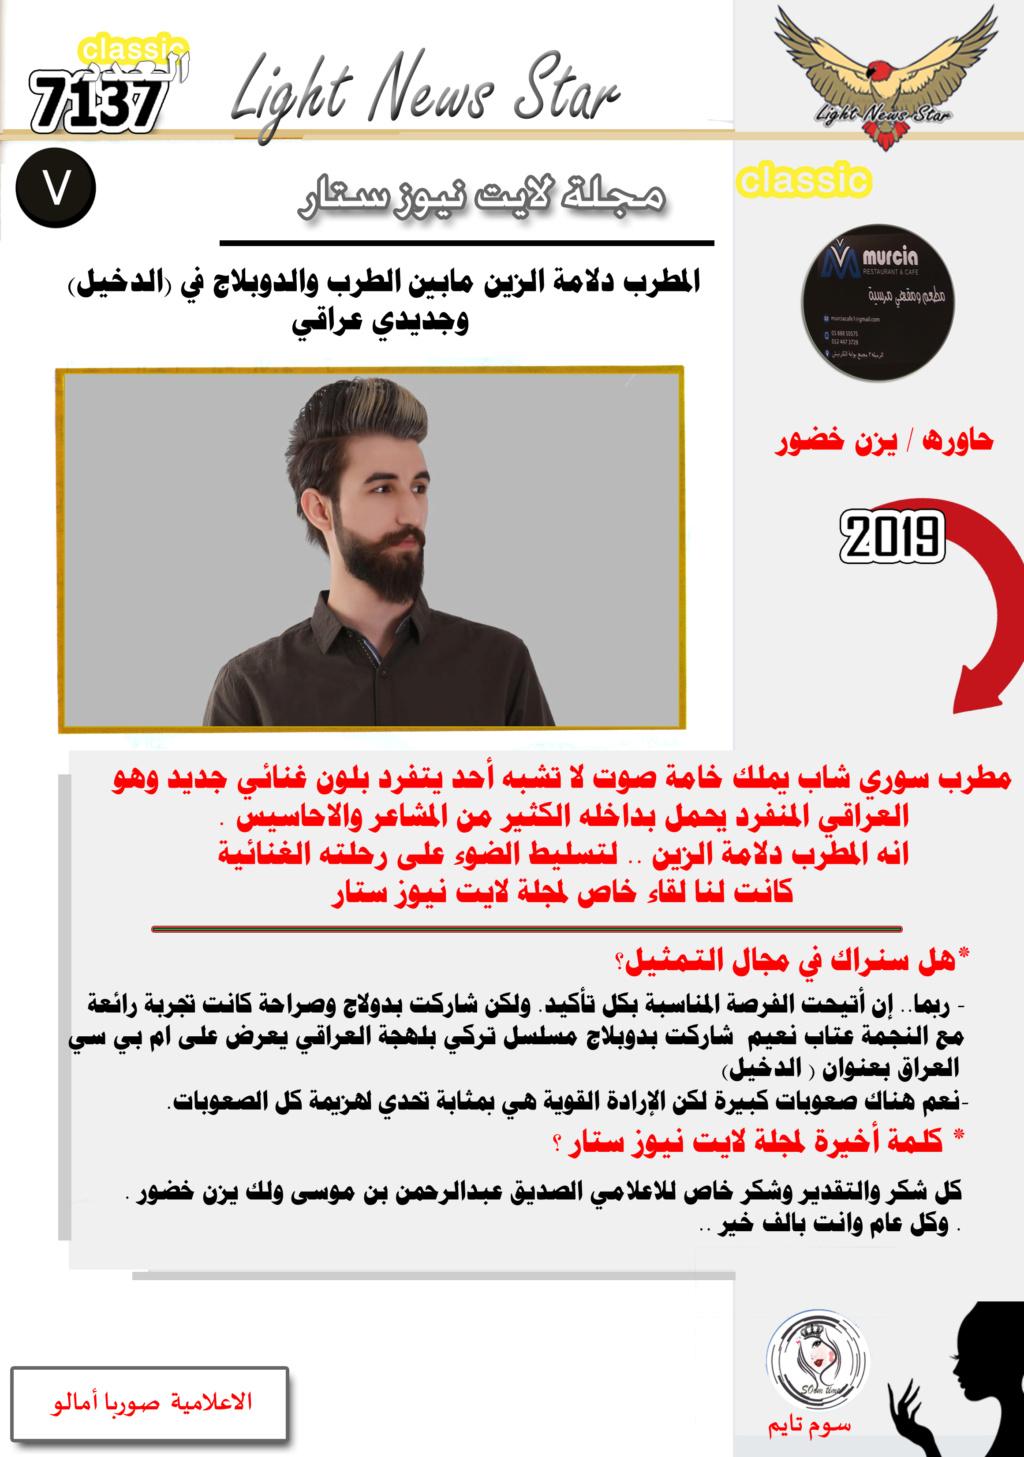 أخبار نجوم الفن والمشاهير 7137 light news star من المصدر l المطرب دلامة الزين مابين  الطرب والدوبلاج  في (الدخيل) وجديدي عراقي Ca710